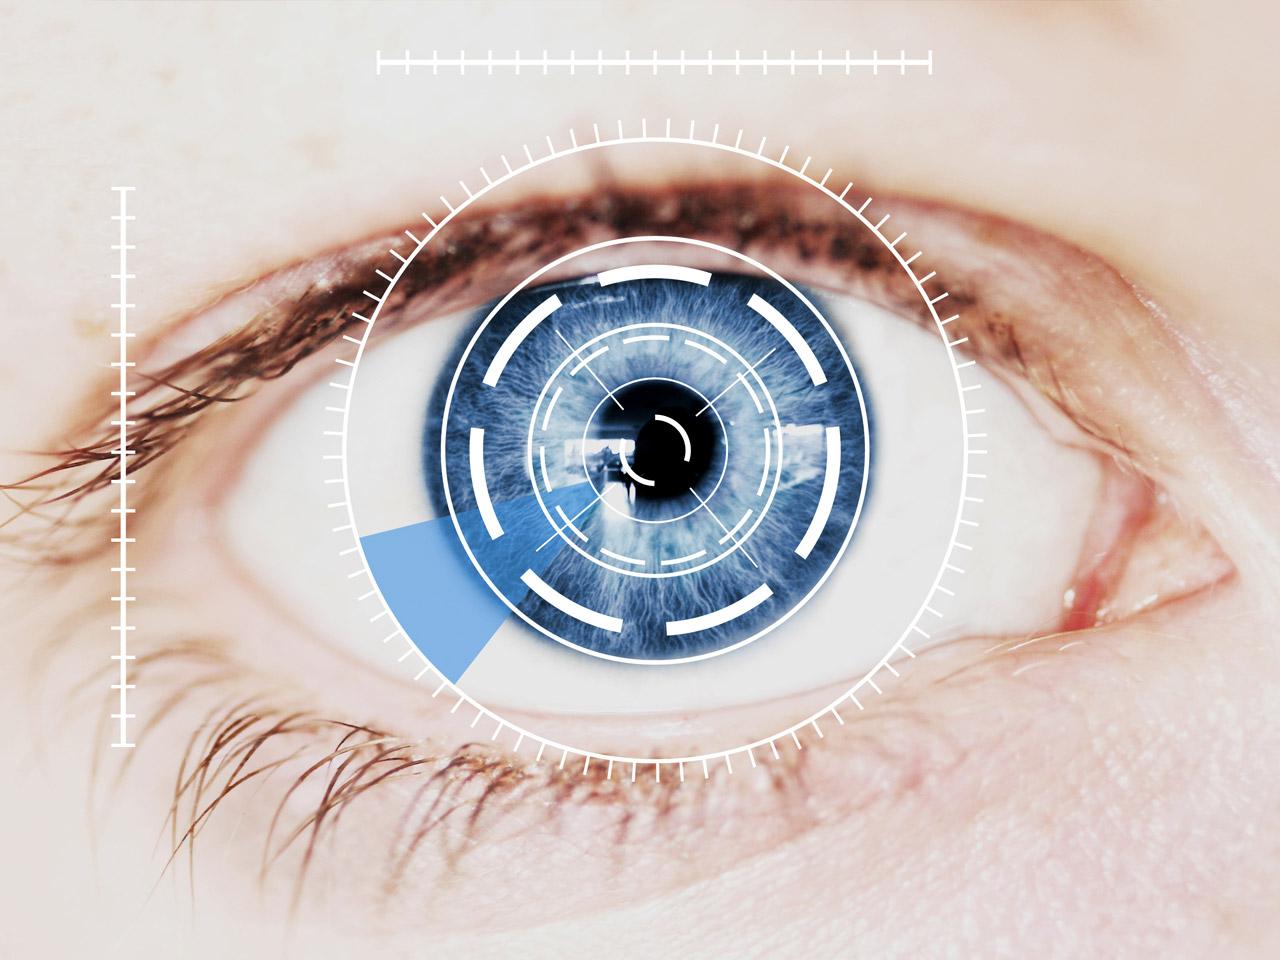 Lecteur biometrique reconnaissance de l iris